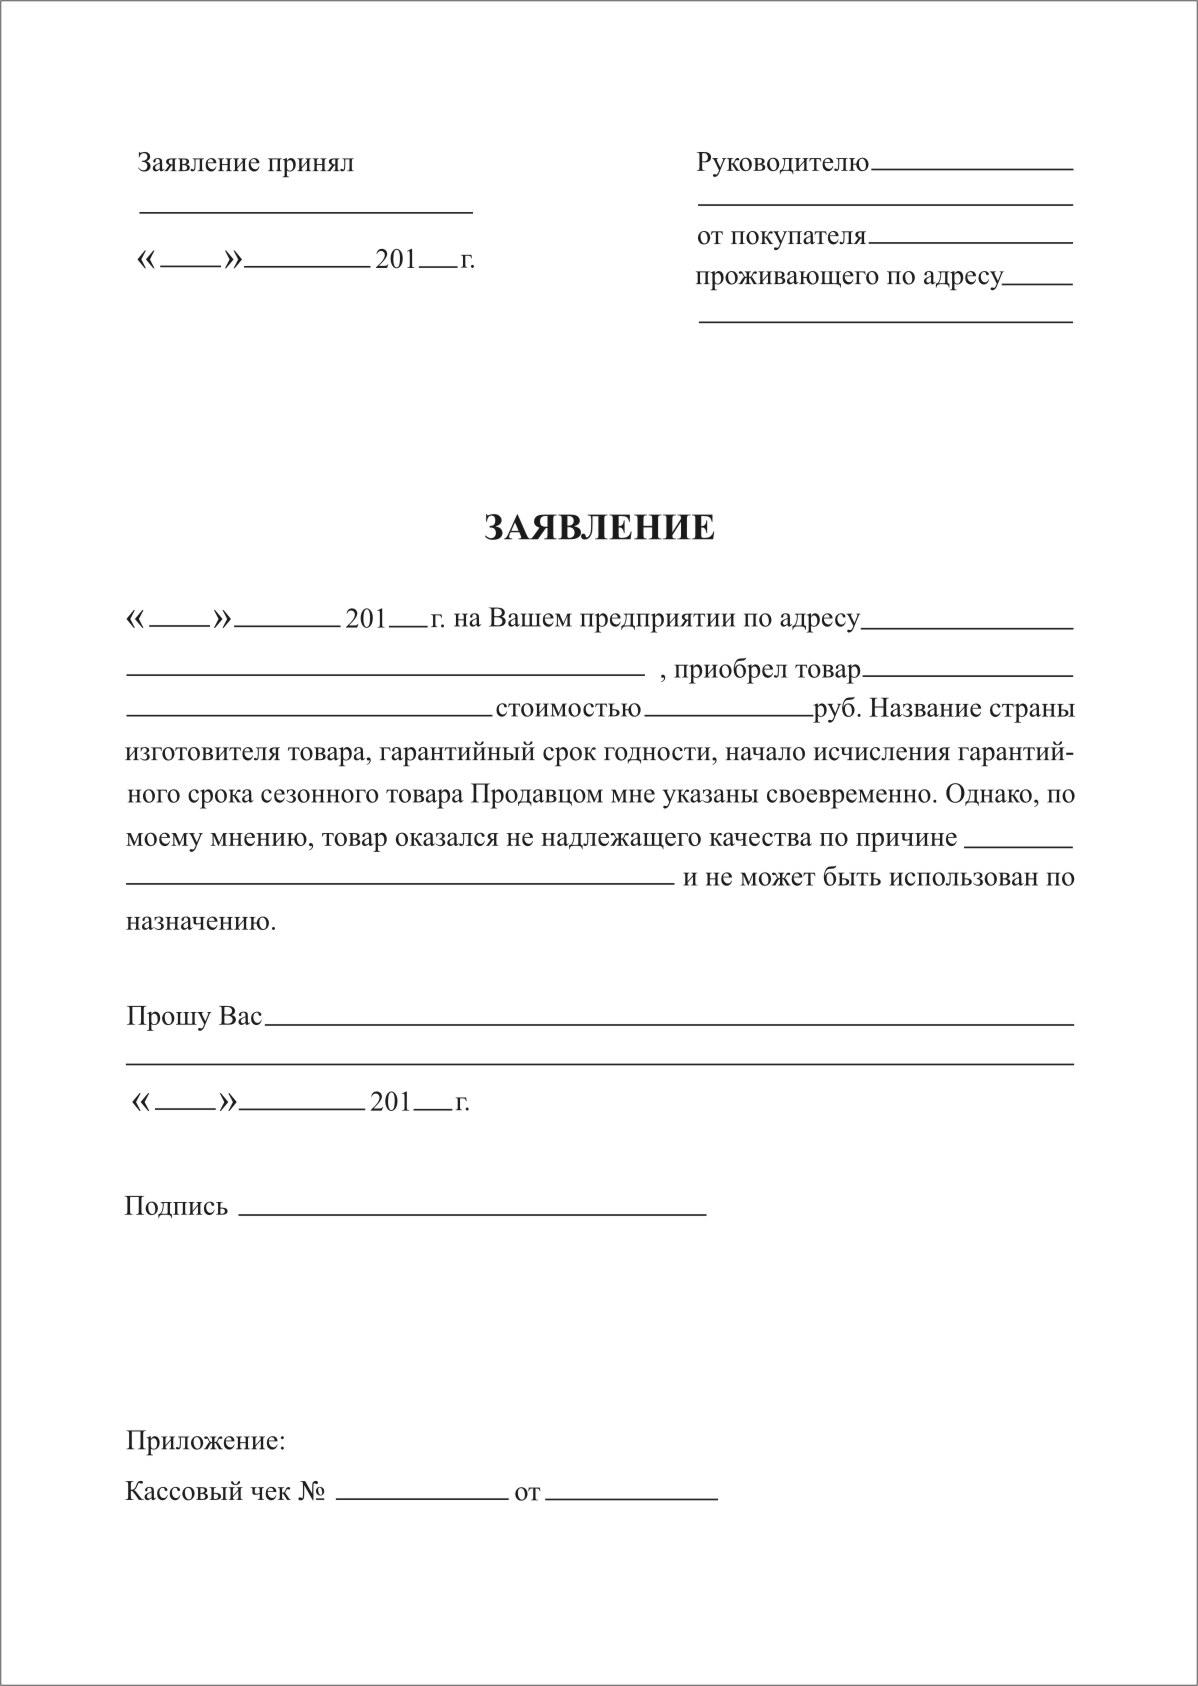 Заявление на возврат товара - ef7b